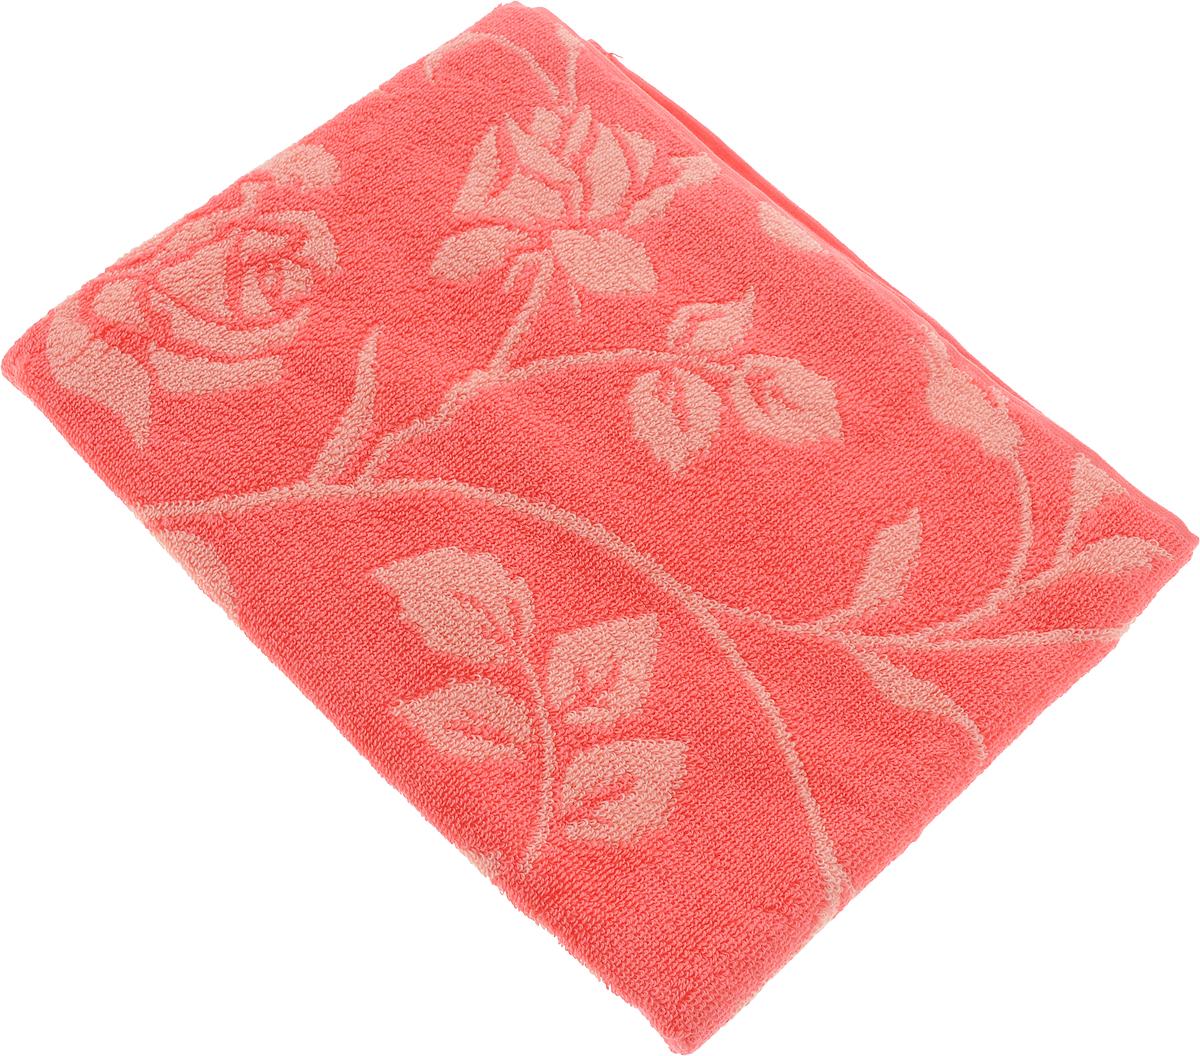 Полотенце банное Aquarelle Розы 2, цвет: розово-персиковый, коралловый, 50 х 90 см полотенце махровое aquarelle таллин 1 цвет ваниль 50 х 90 см 707762